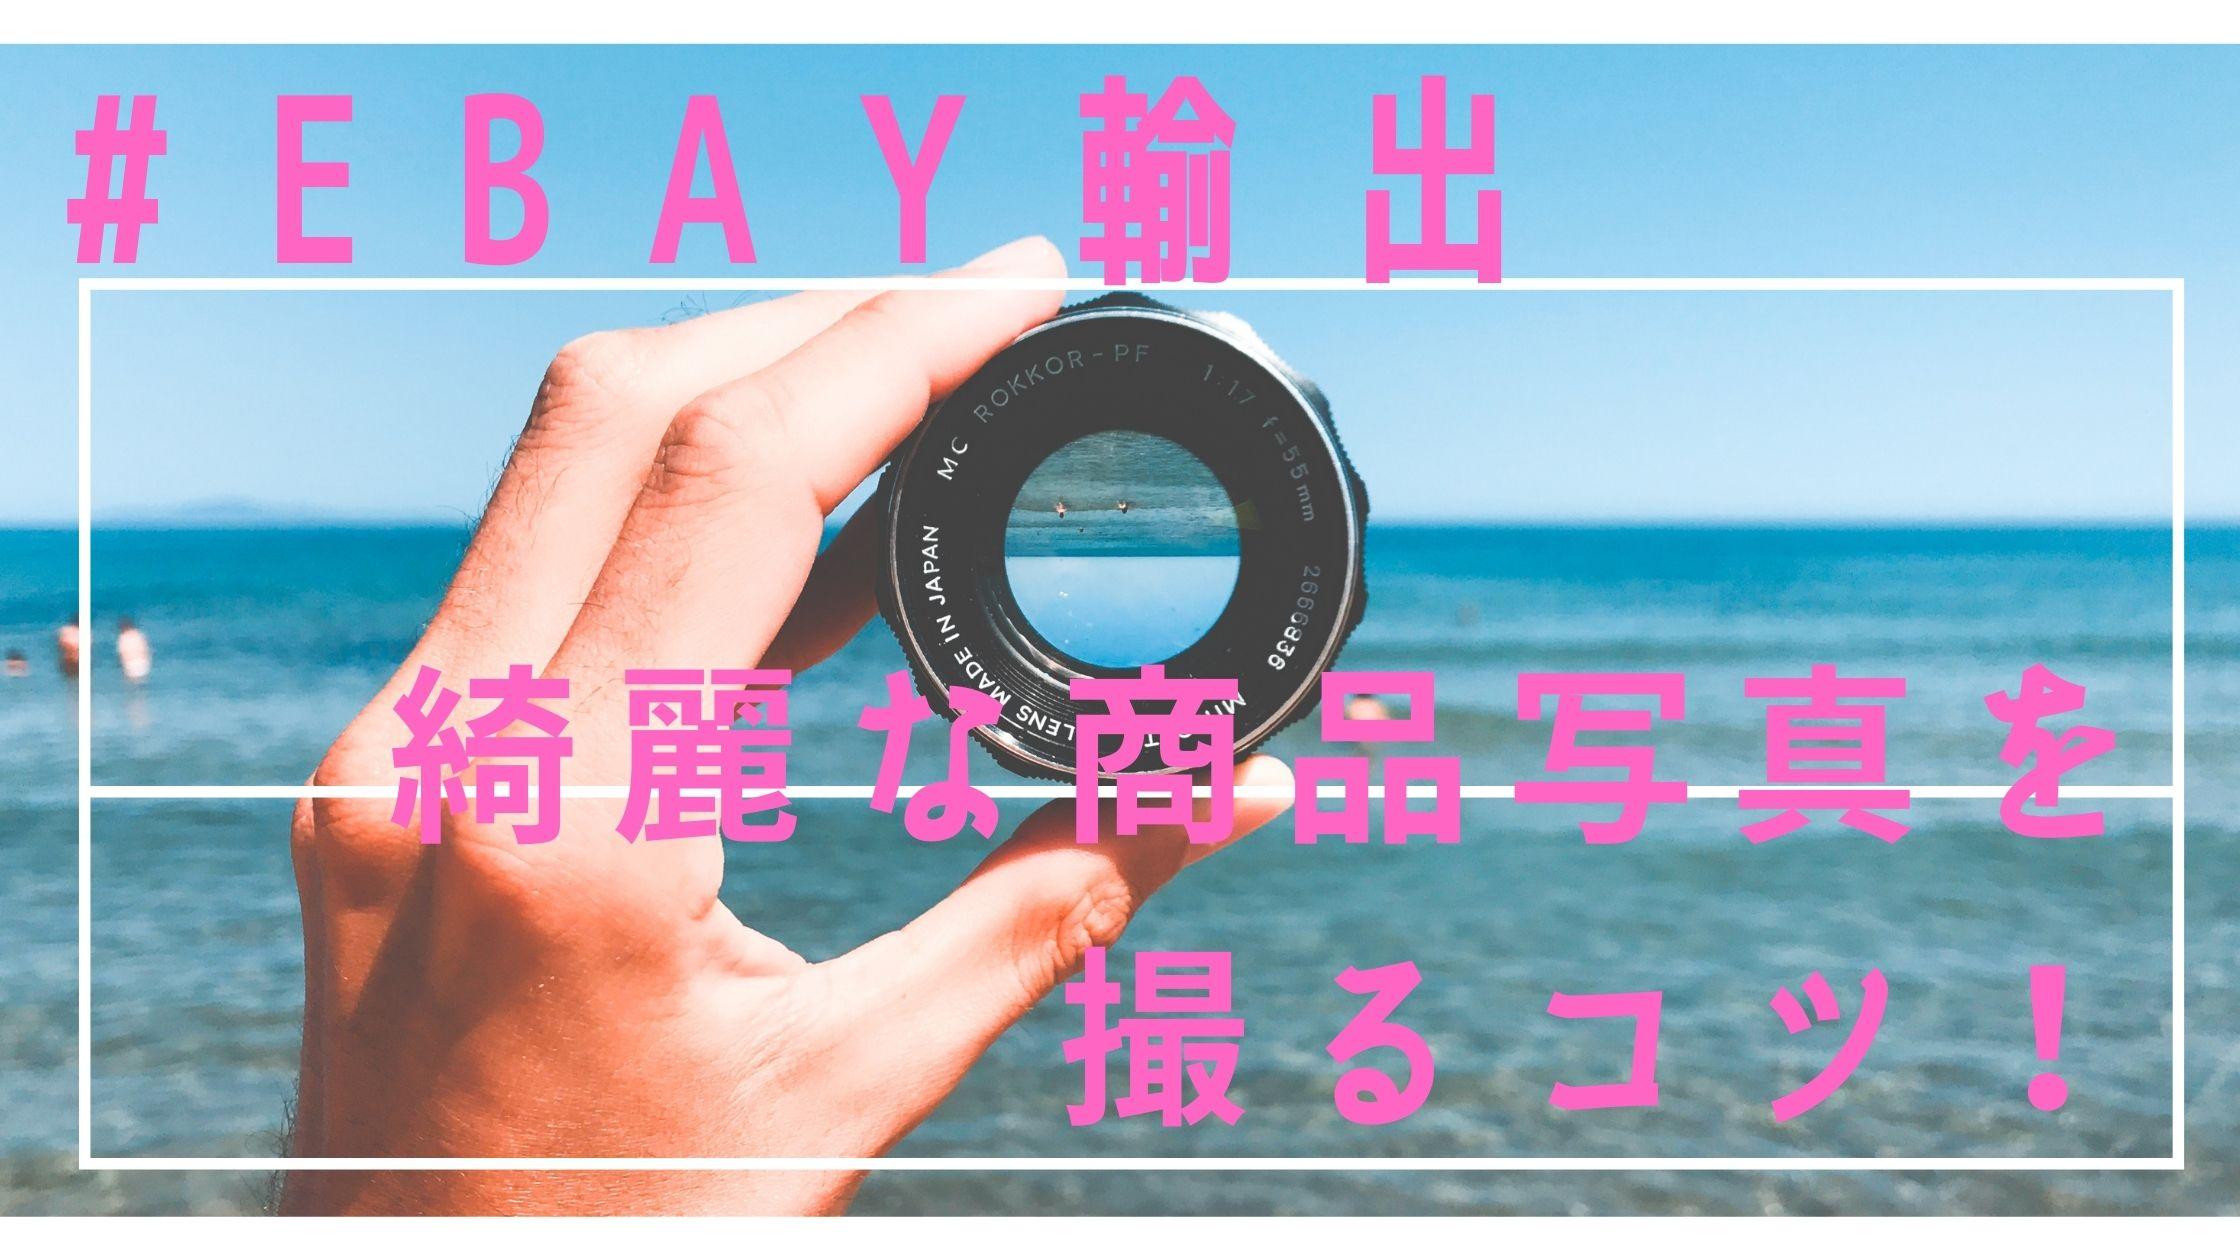 ebay-item-photo